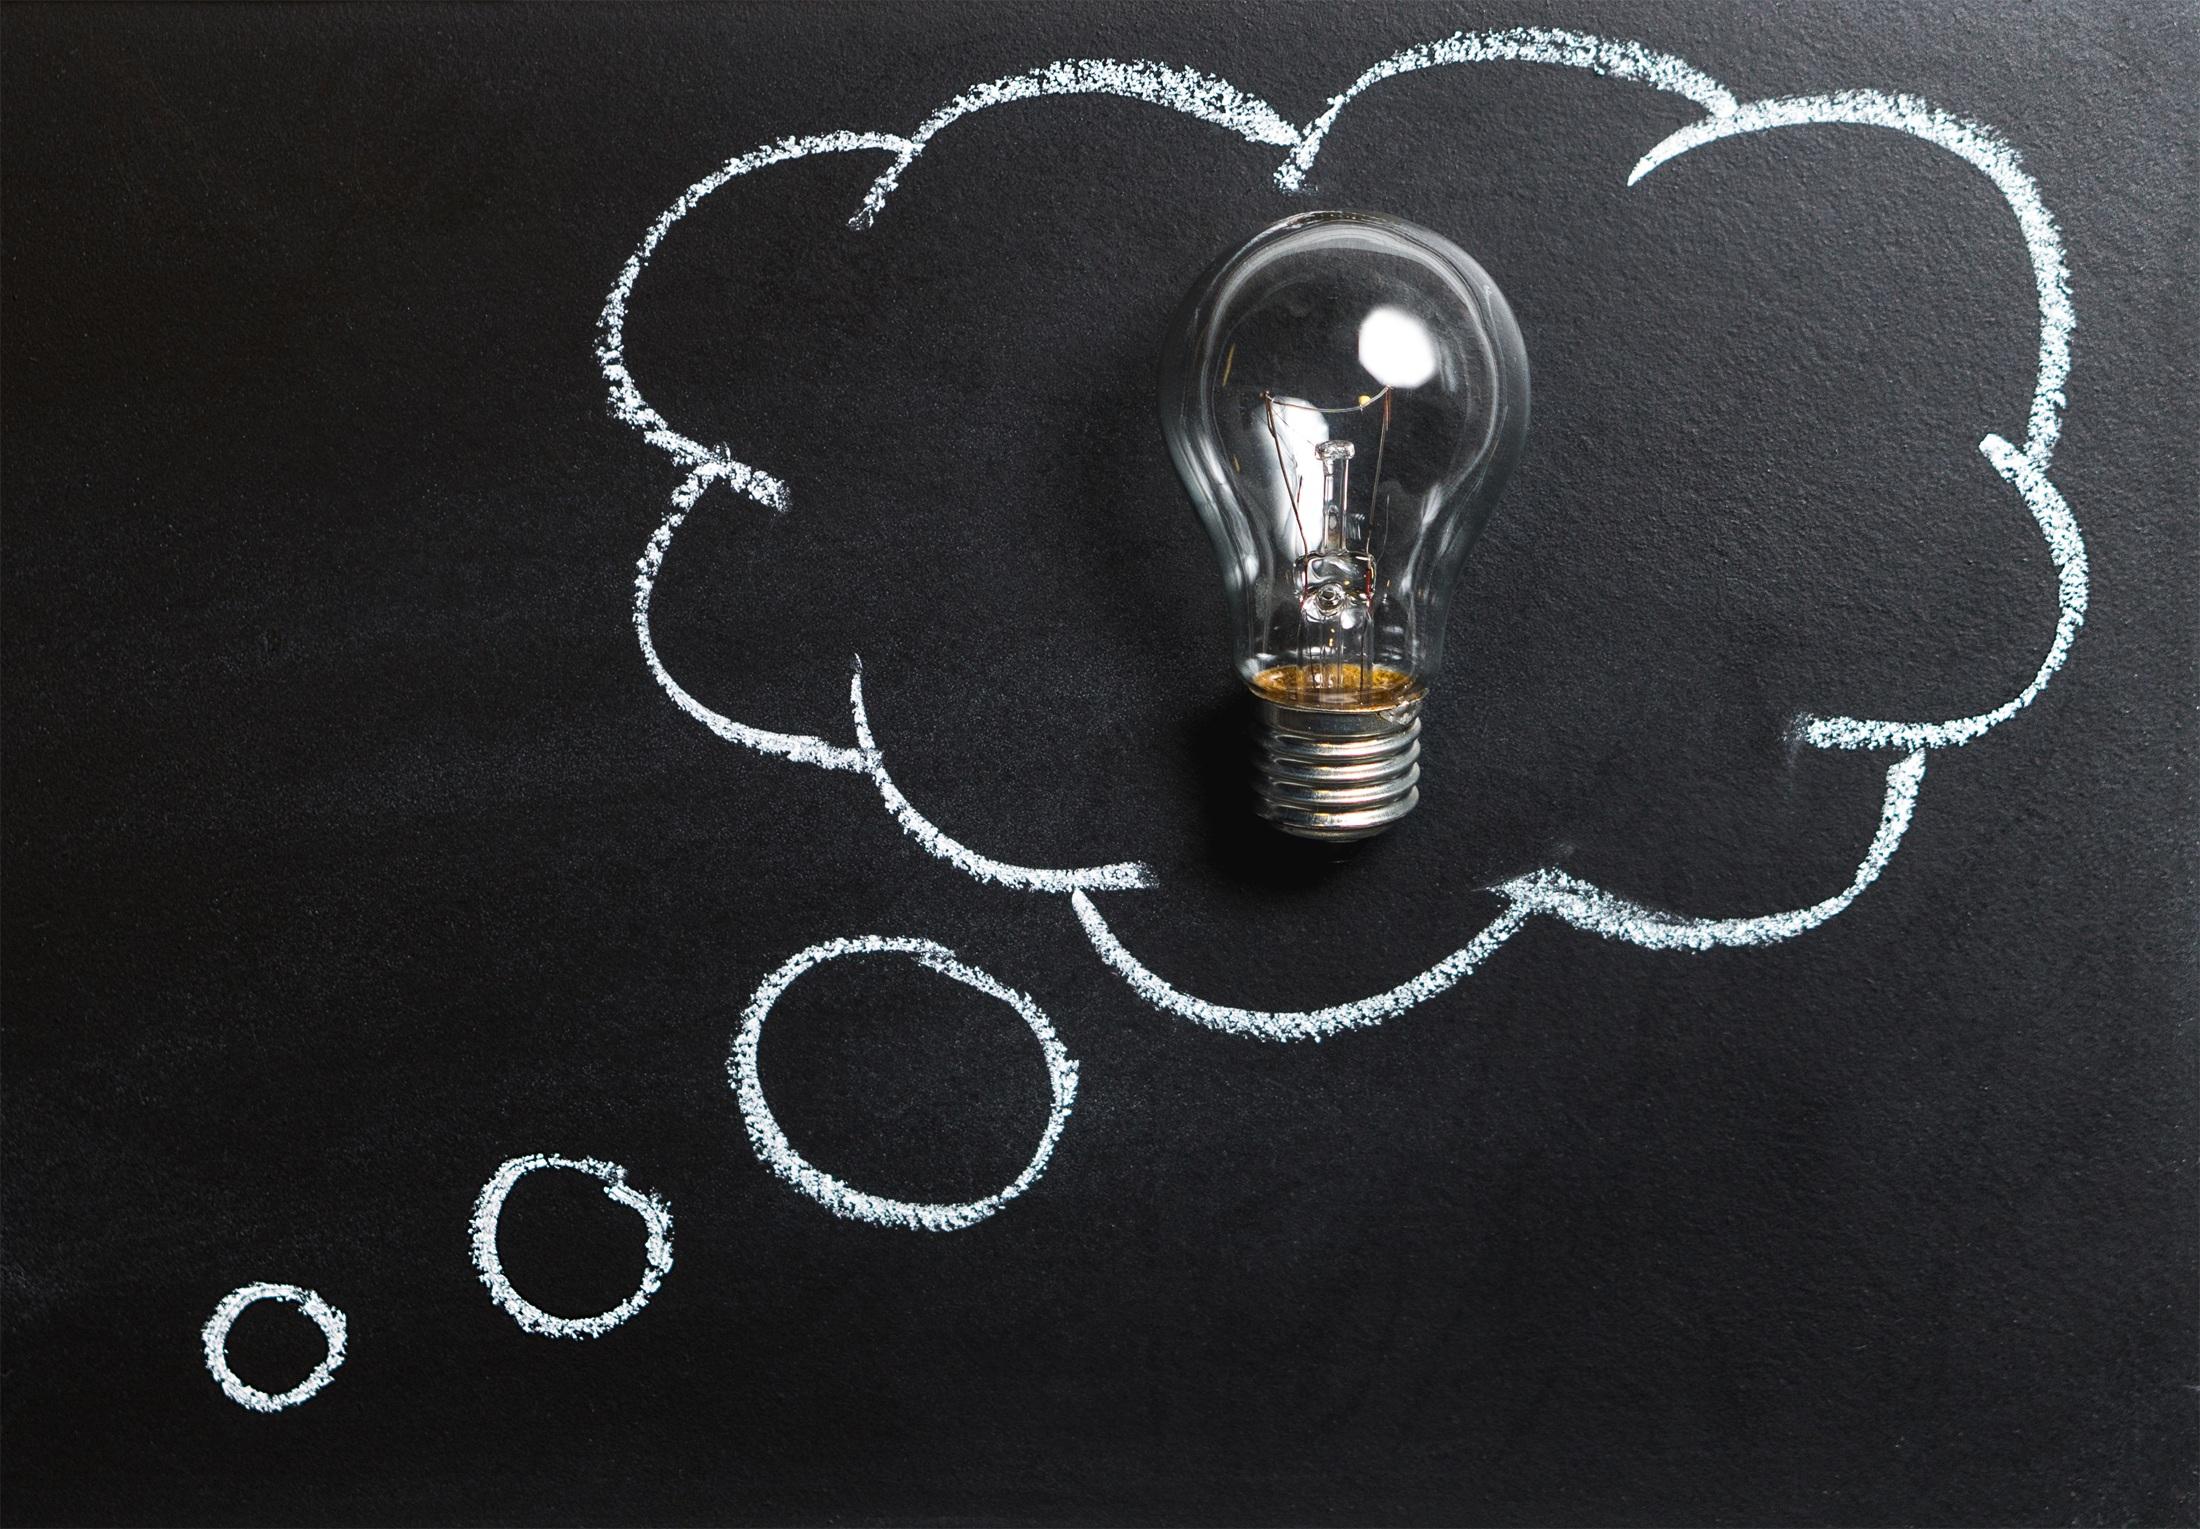 Free stock photo of idea, design, creativity, bubble